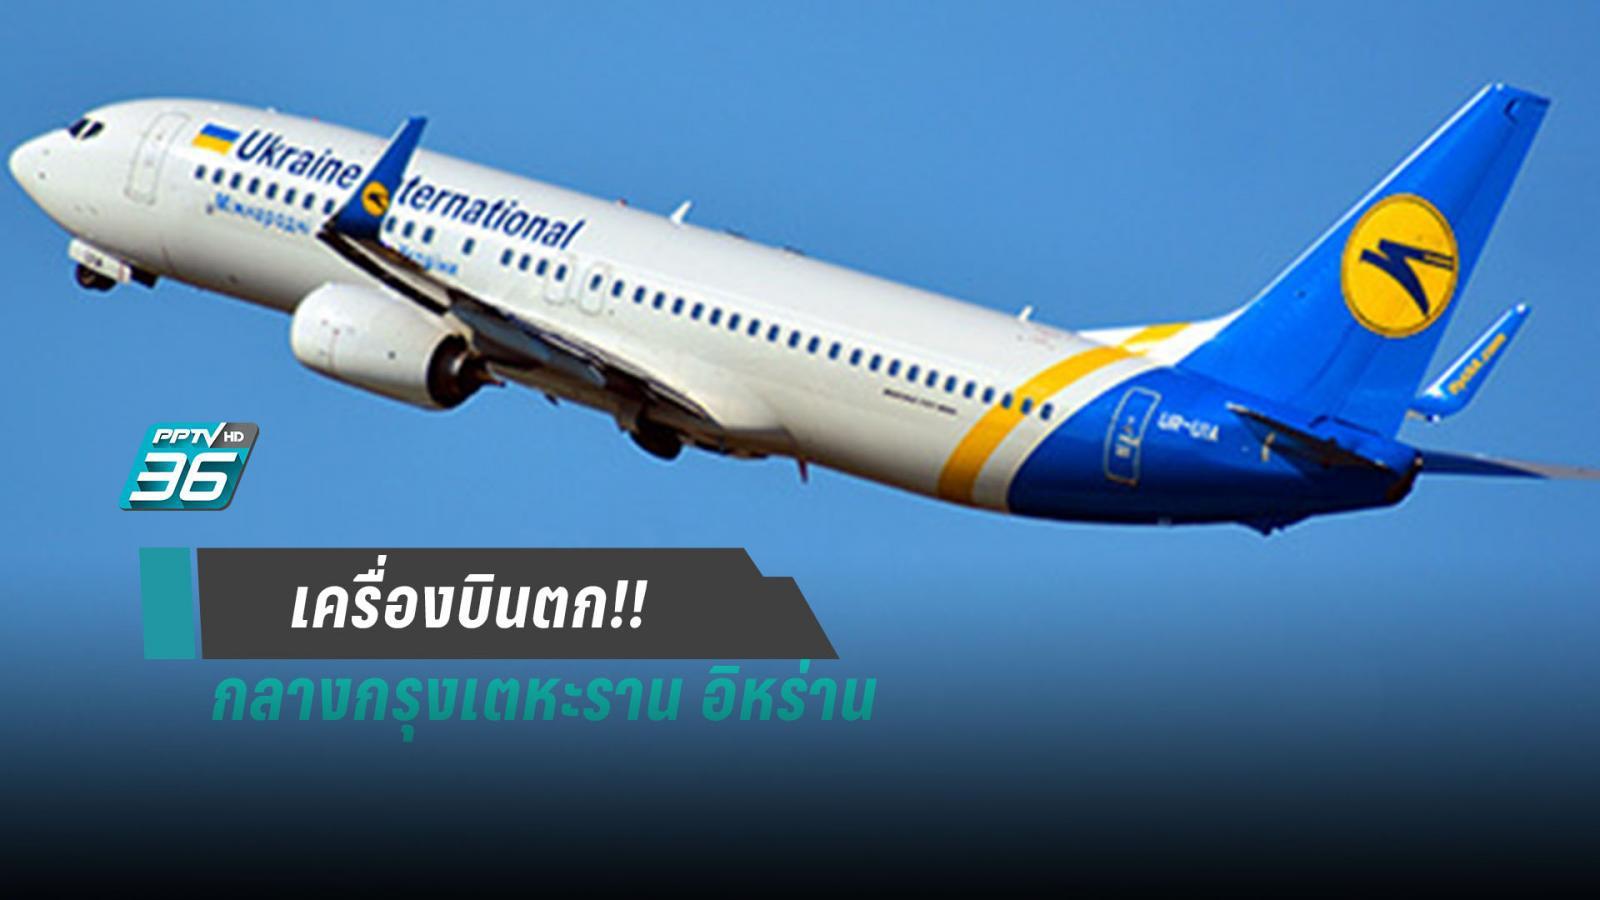 เครื่องบินพร้อมผู้โดยสาร 180 คน ตก! กรุงเตหะราน ประเทศอิหร่าน